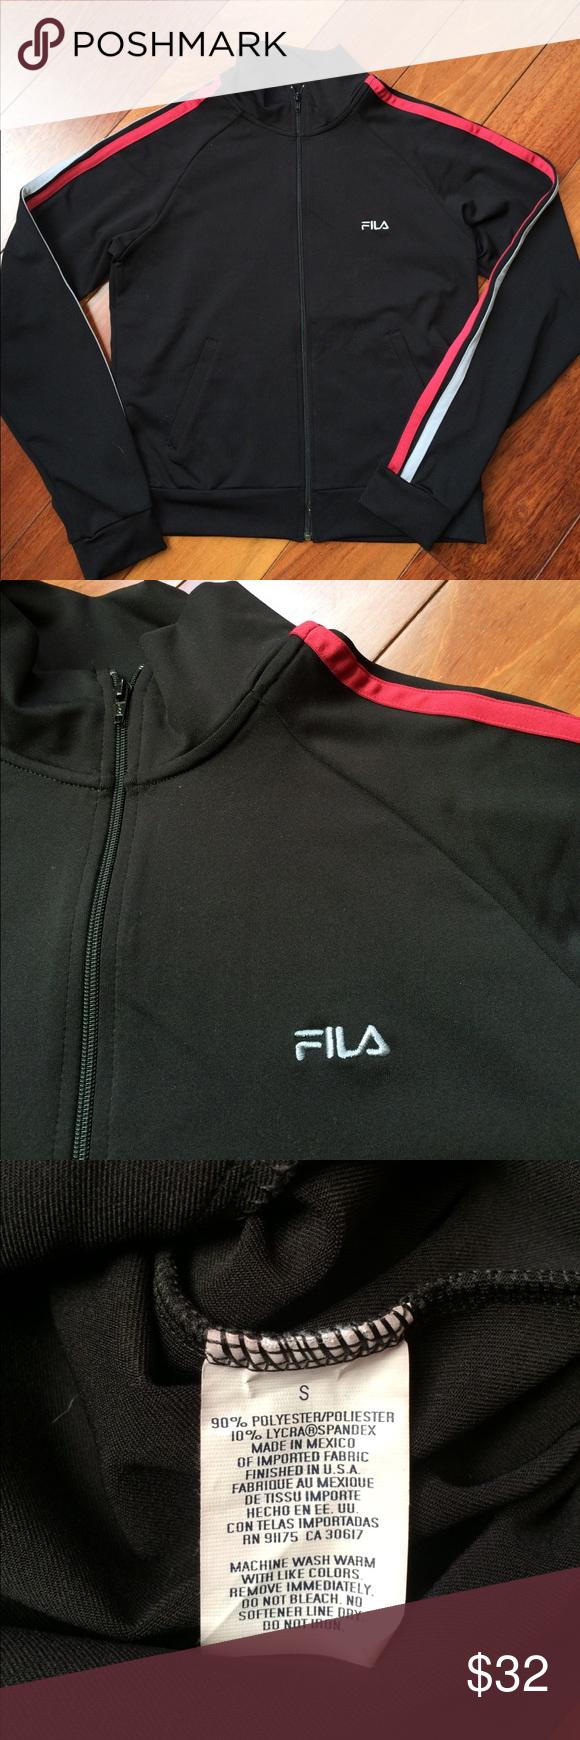 fila rn 91175 jacket Sale Fila Shoes